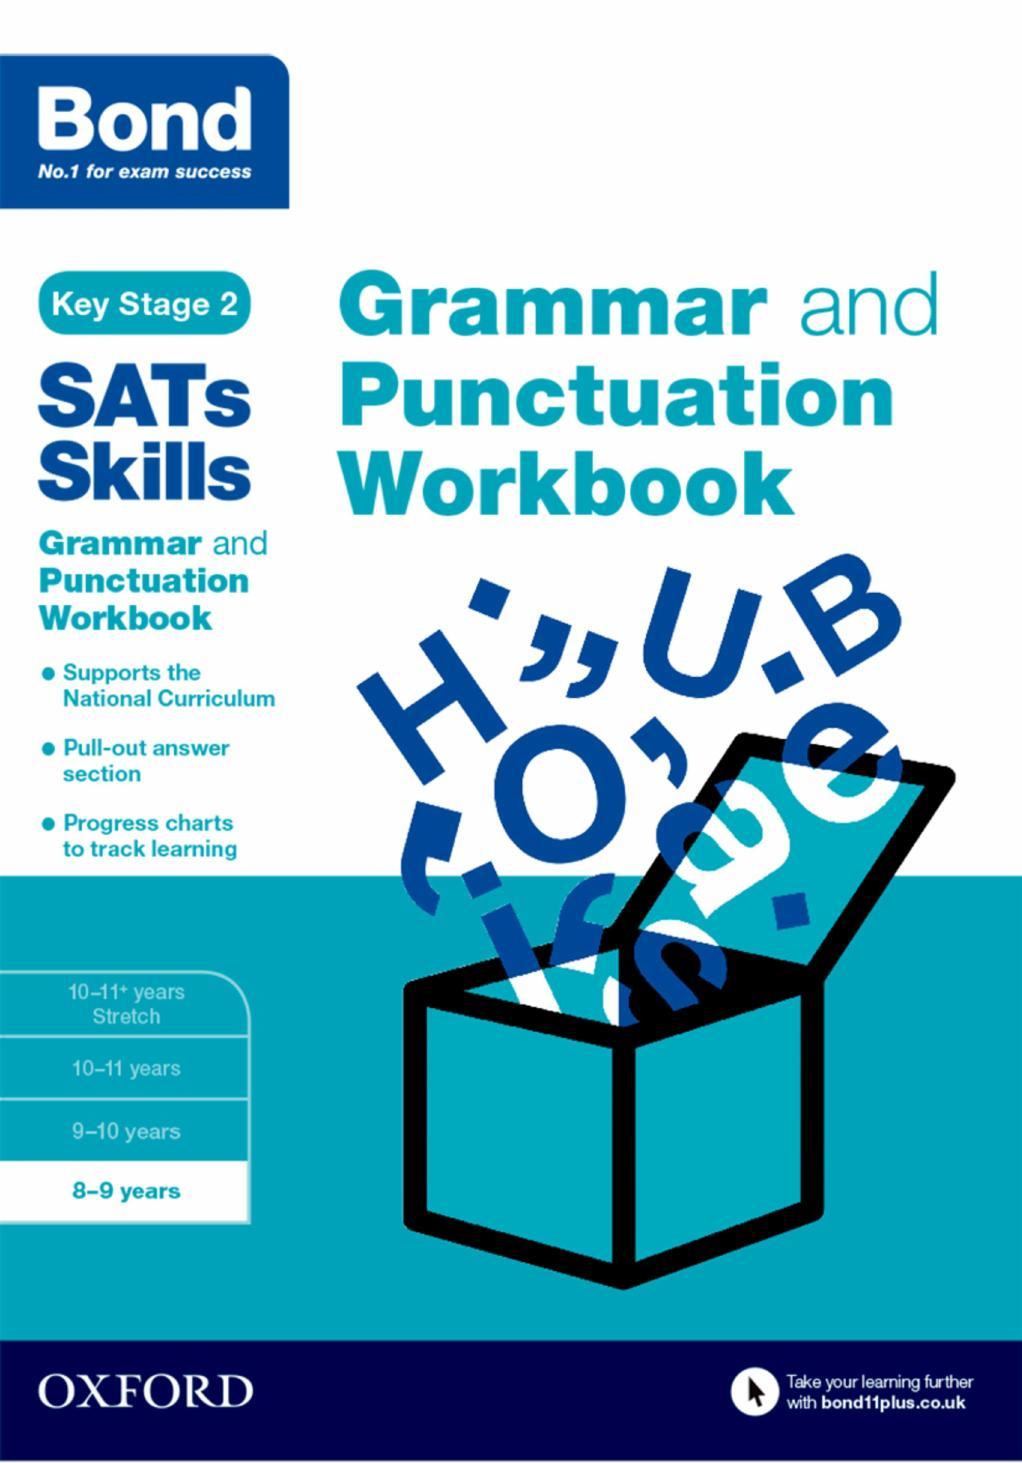 Workbooks grammar and punctuation workbook : Bond SATs Skills: Grammar and Punctuation Workbook :8-9 years by ...